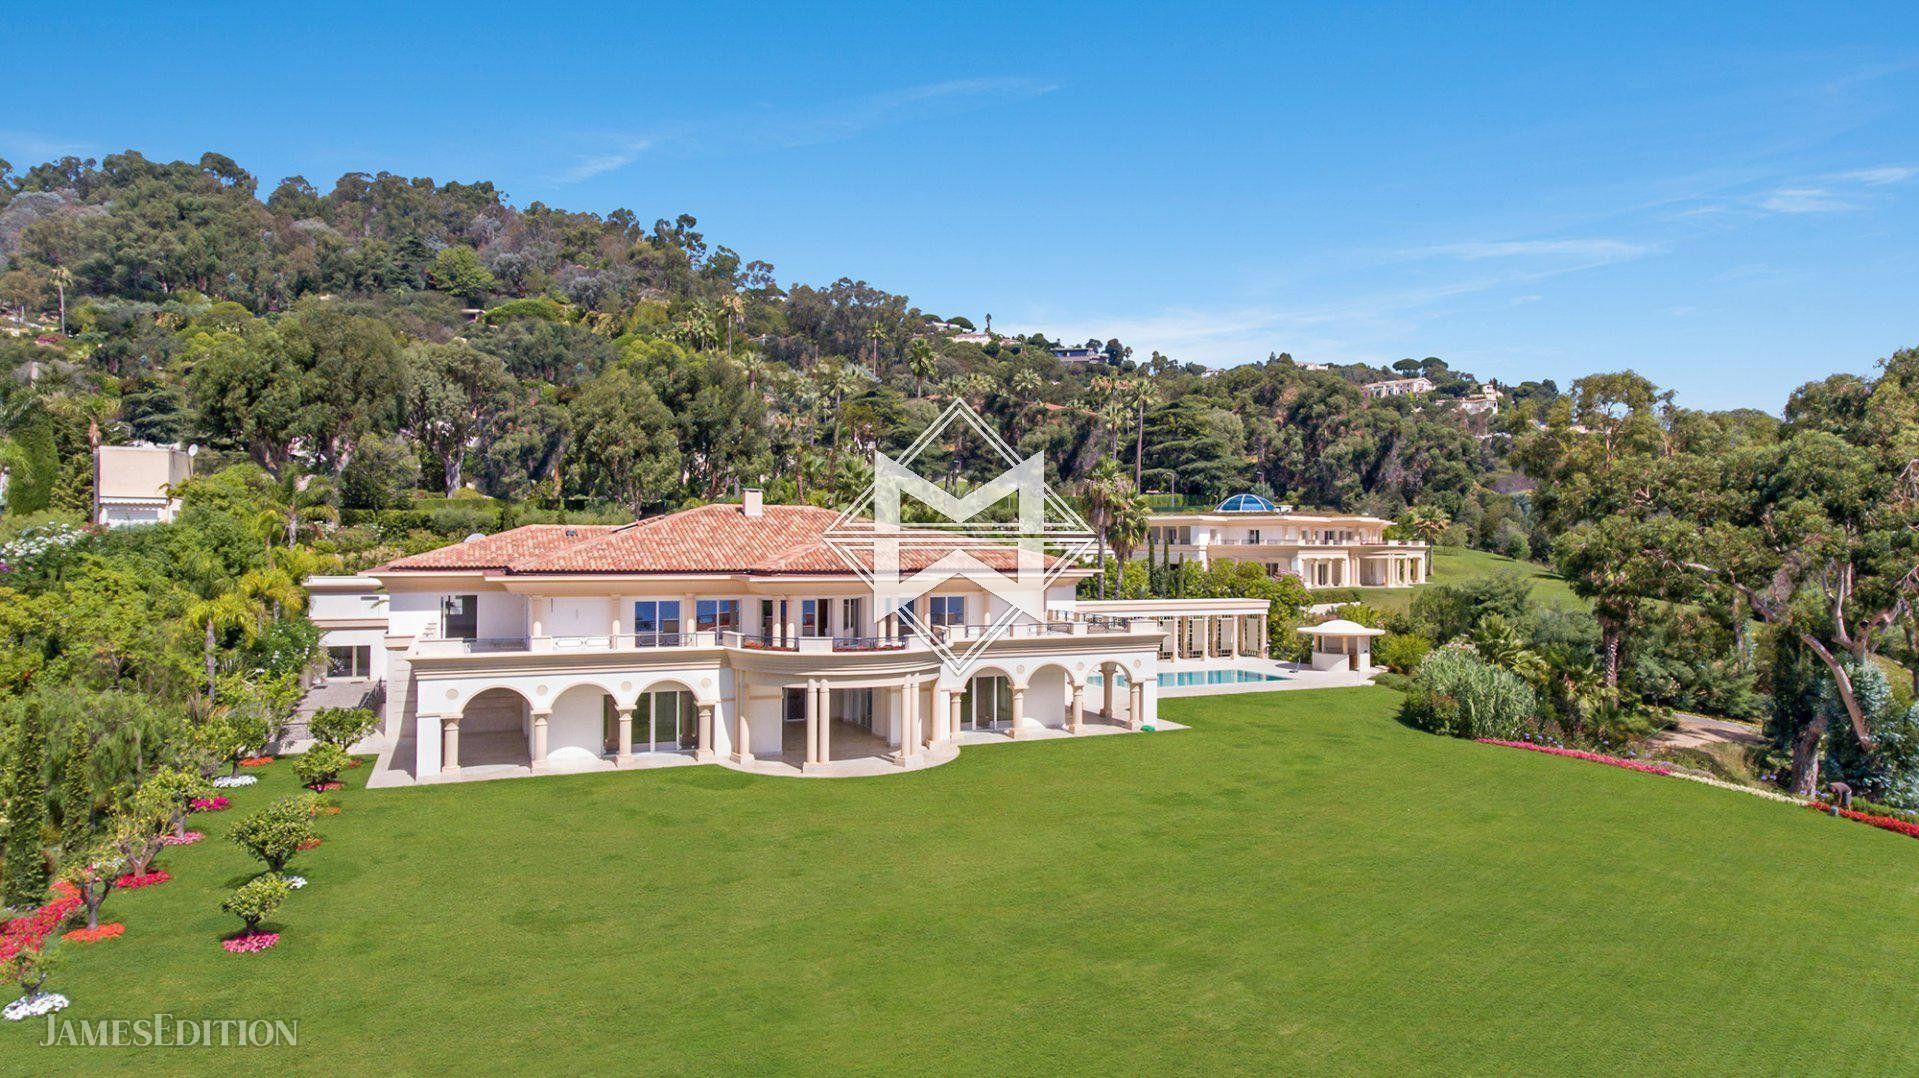 Villa in Cannes, Provence-Alpes-Côte d'Azur, France 1 - 10671562